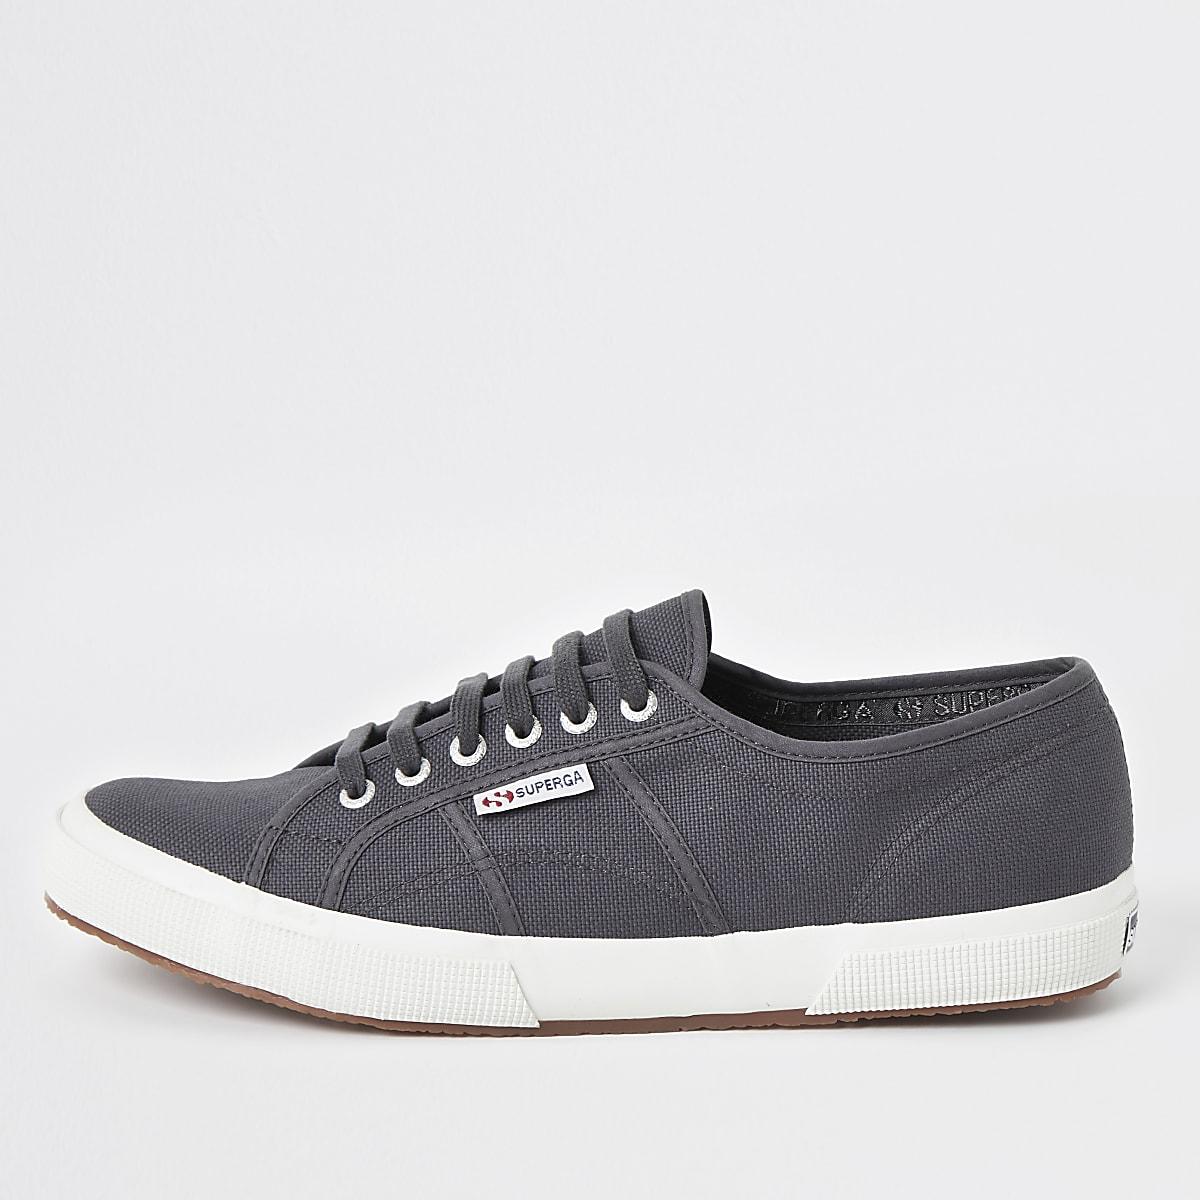 Superga dark grey classic runner sneakers